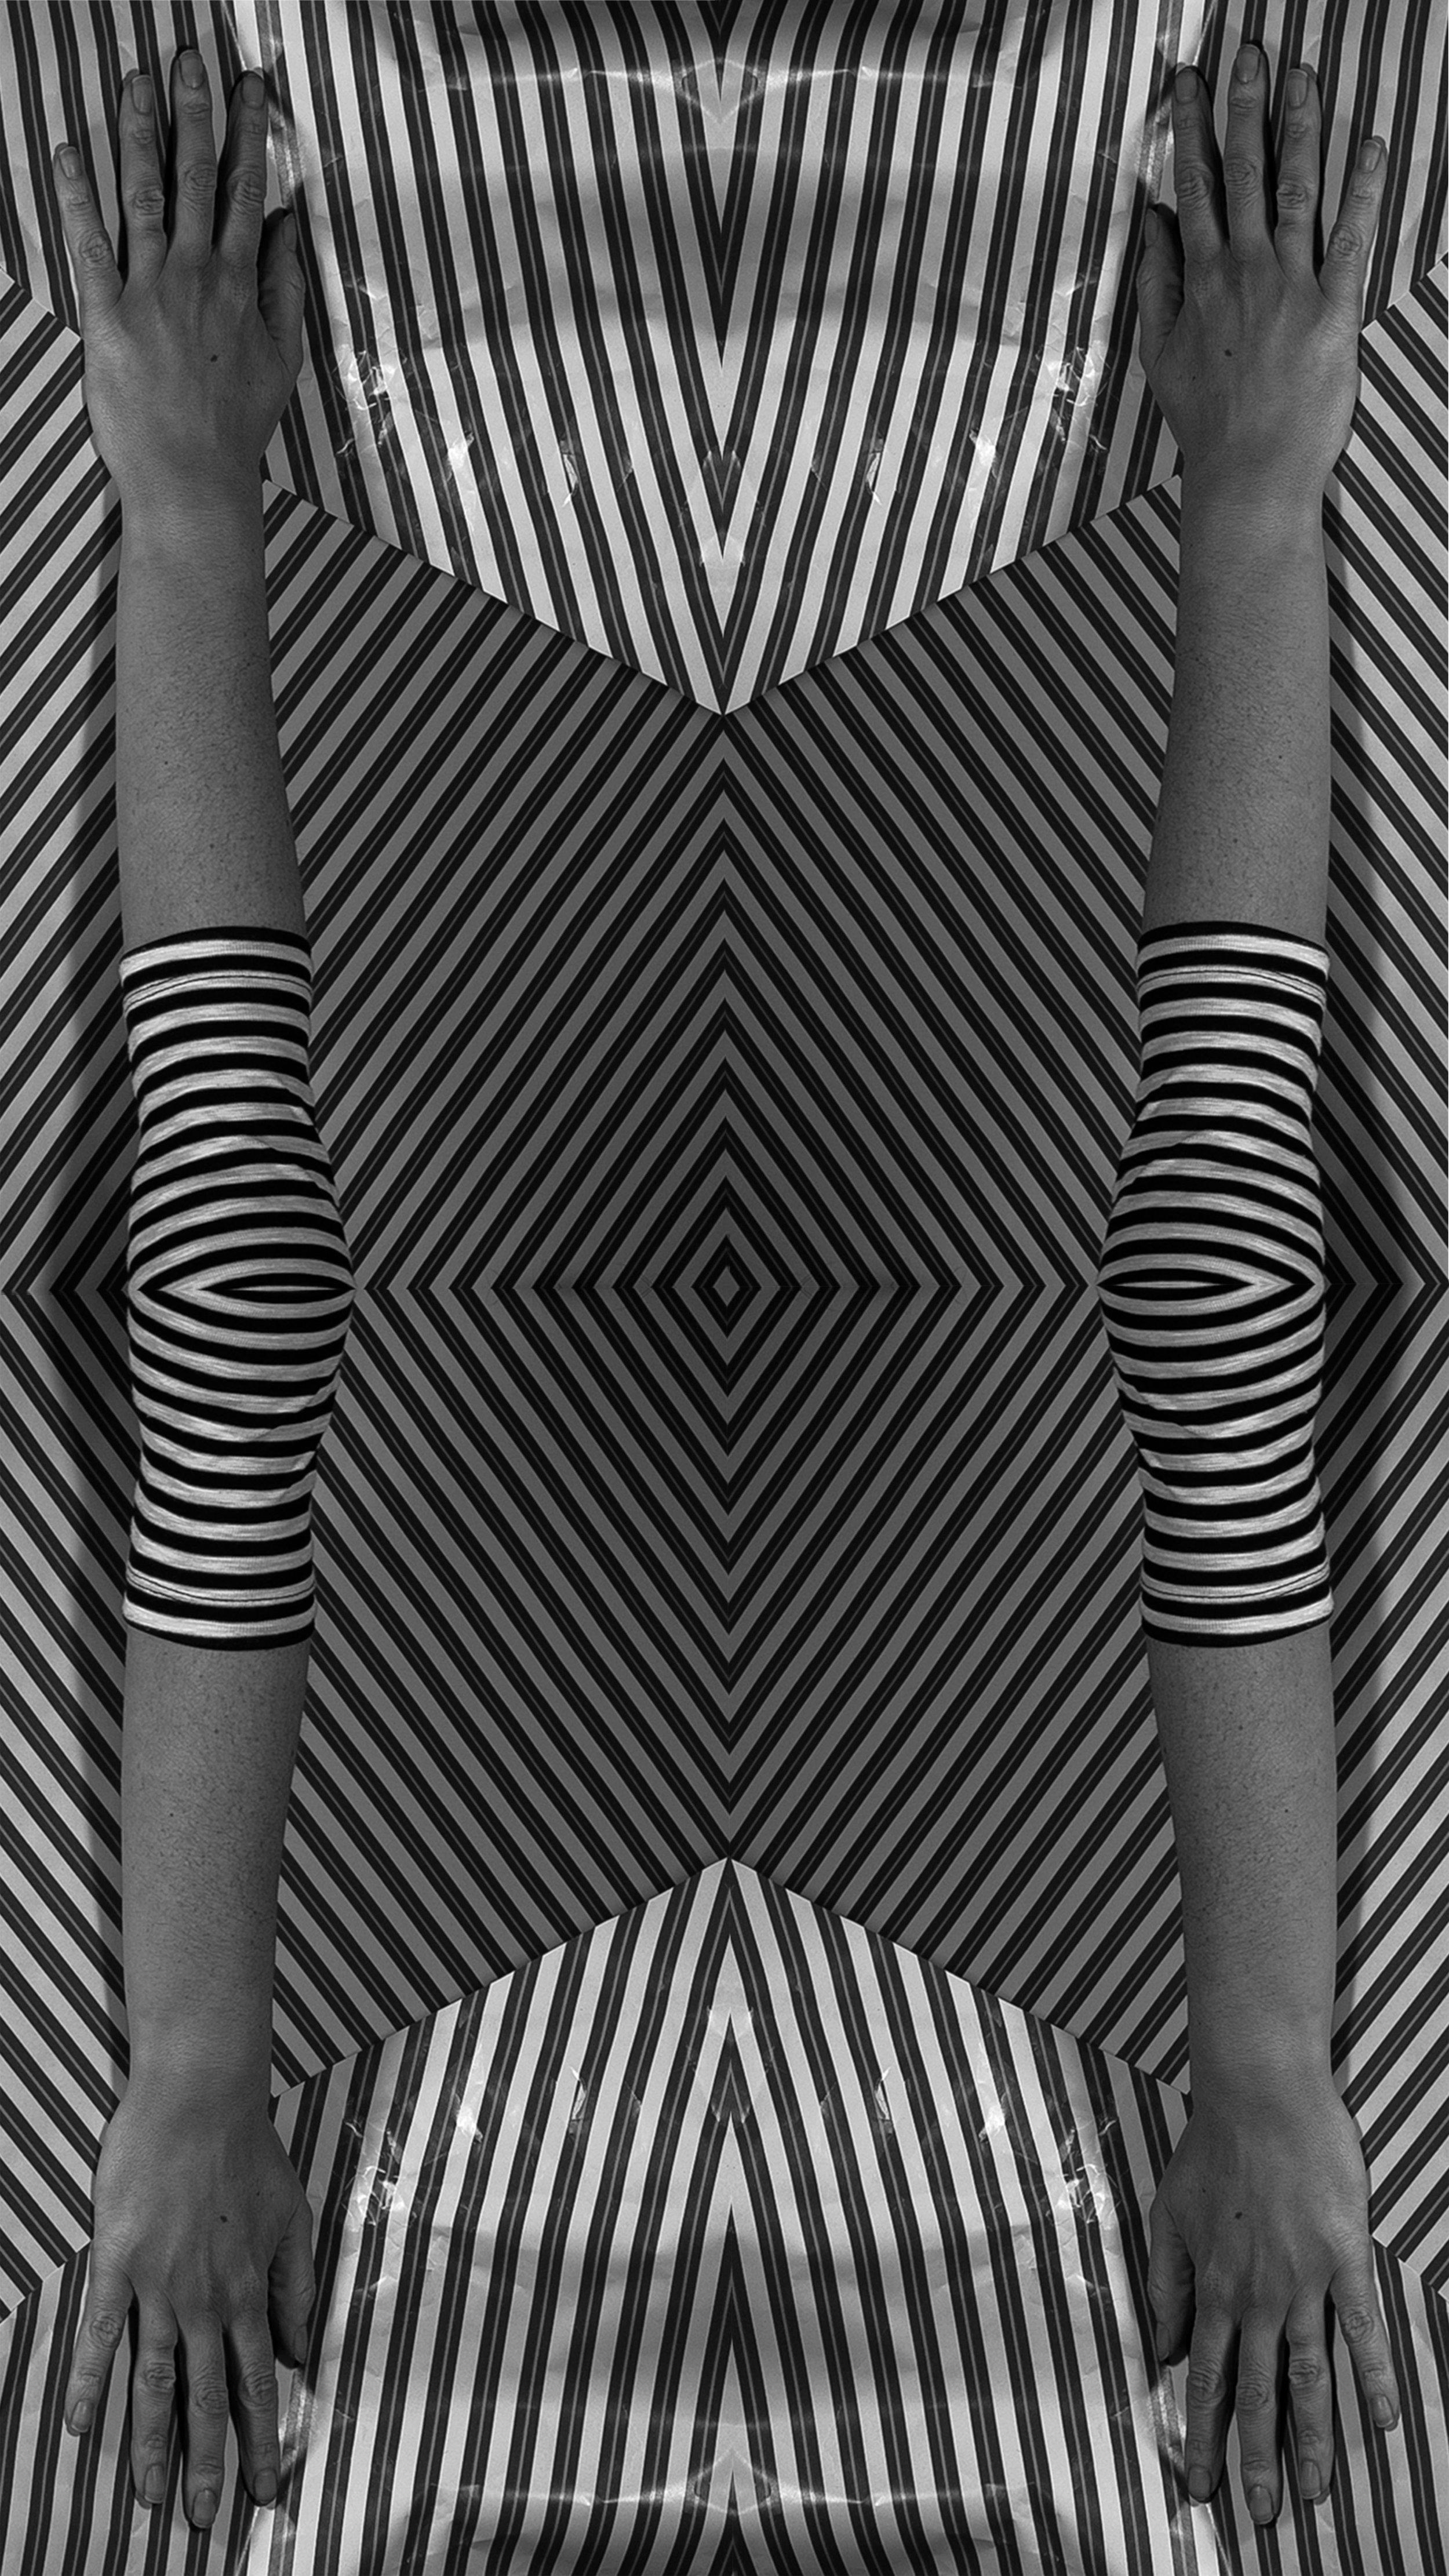 whitt_mindloop_artworkexample12.jpg